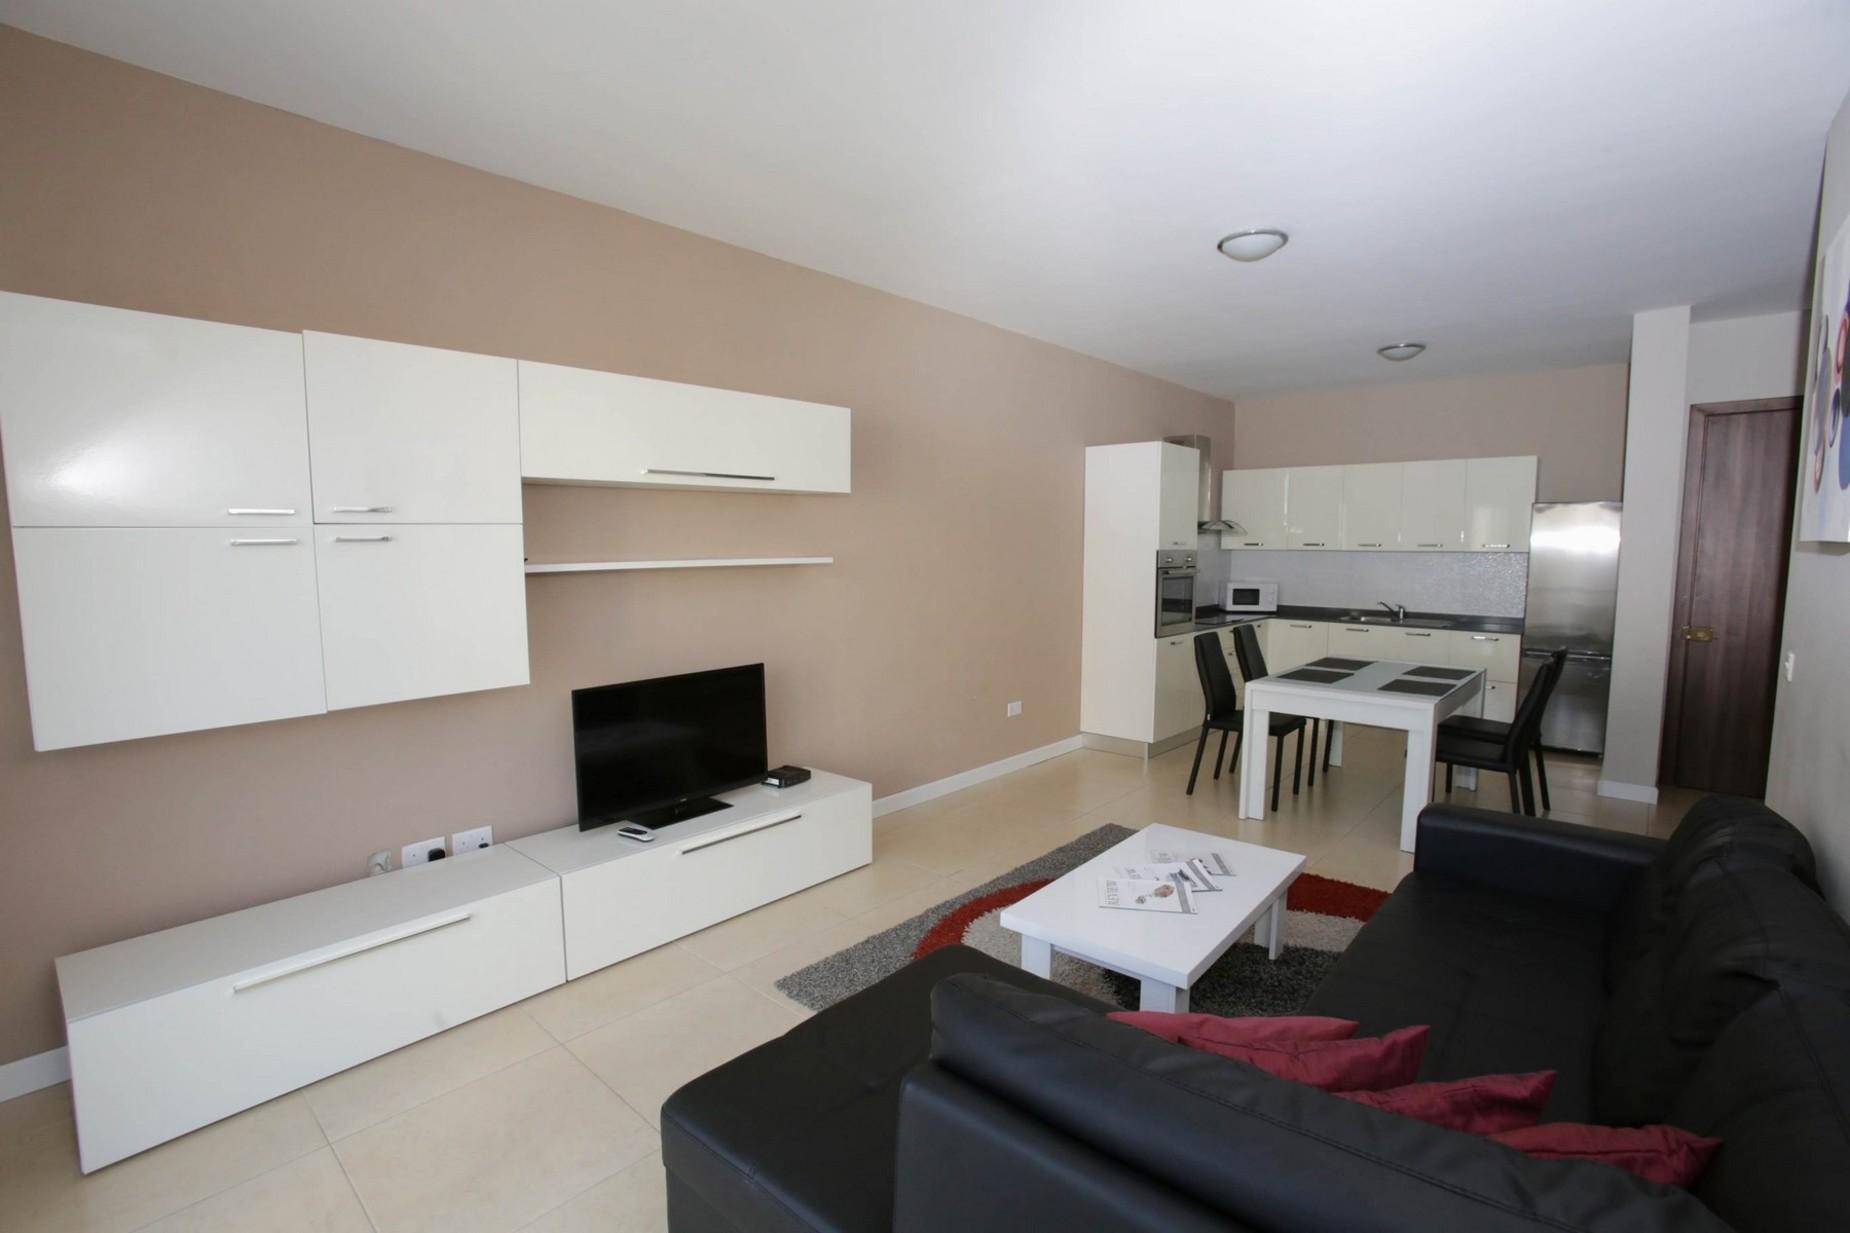 3 bed Apartment For Rent in Gzira, Gzira - thumb 6